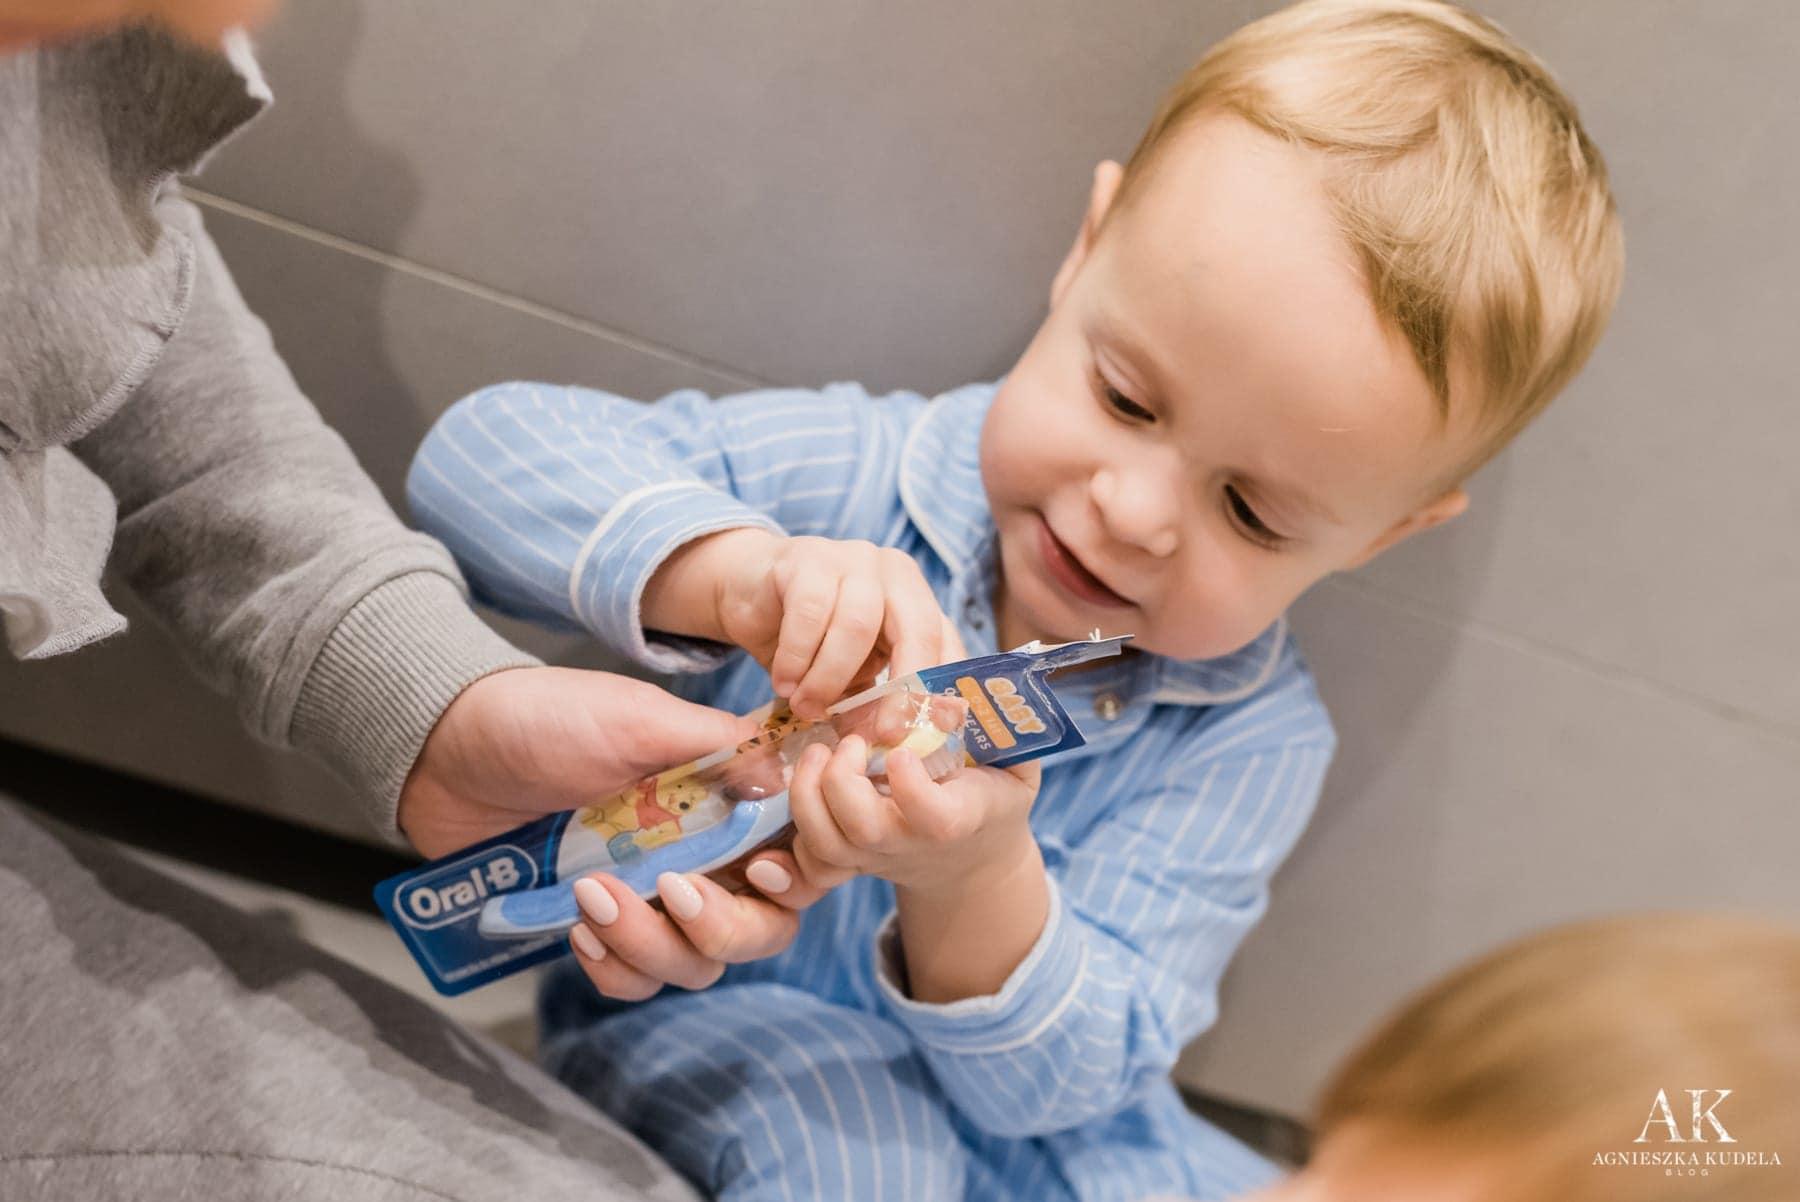 pierwsza szczoteczka do zębów oral-b